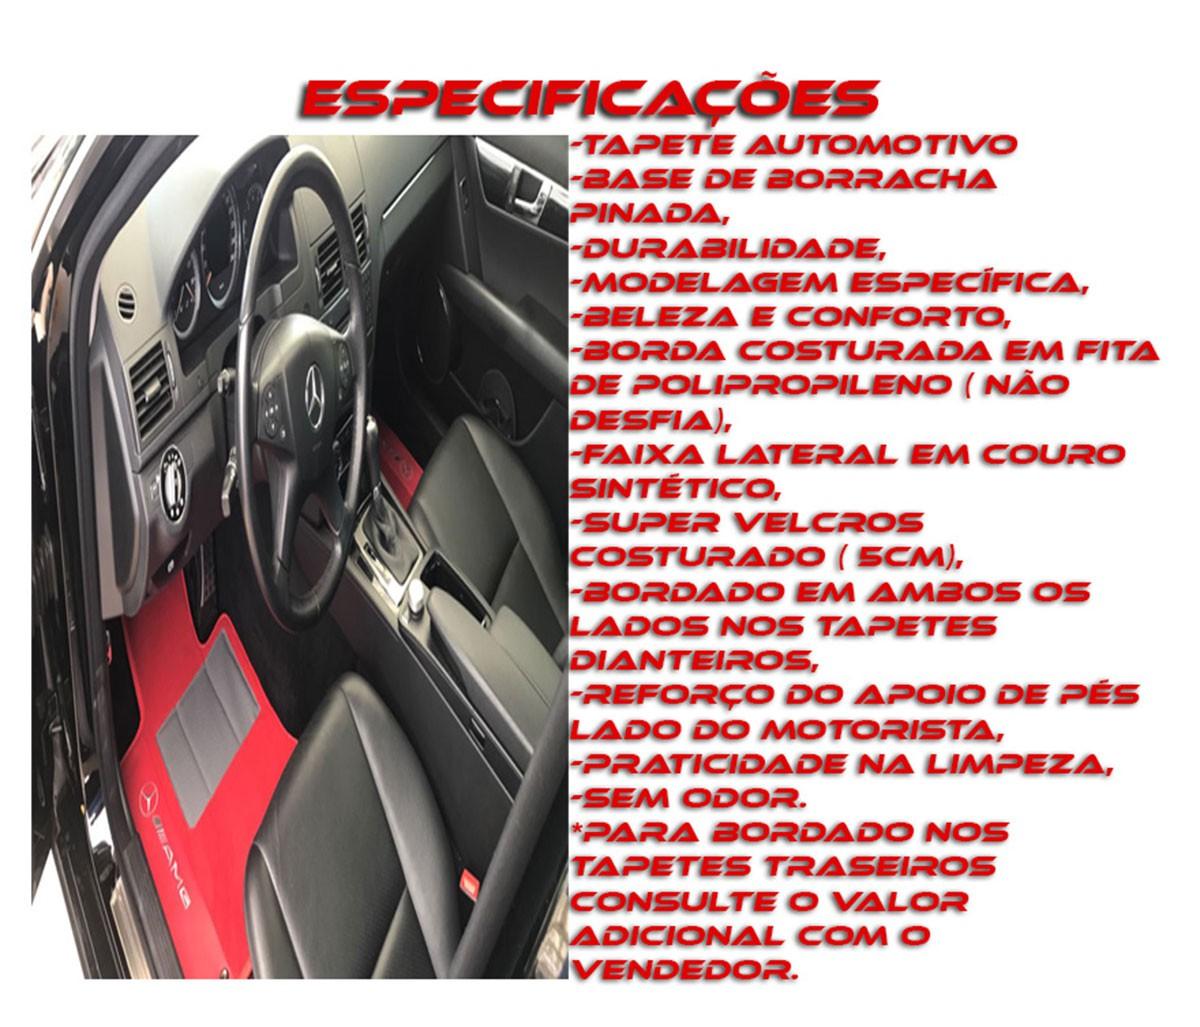 Tapete Fiat Siena Turbo Luxo Base Pinada